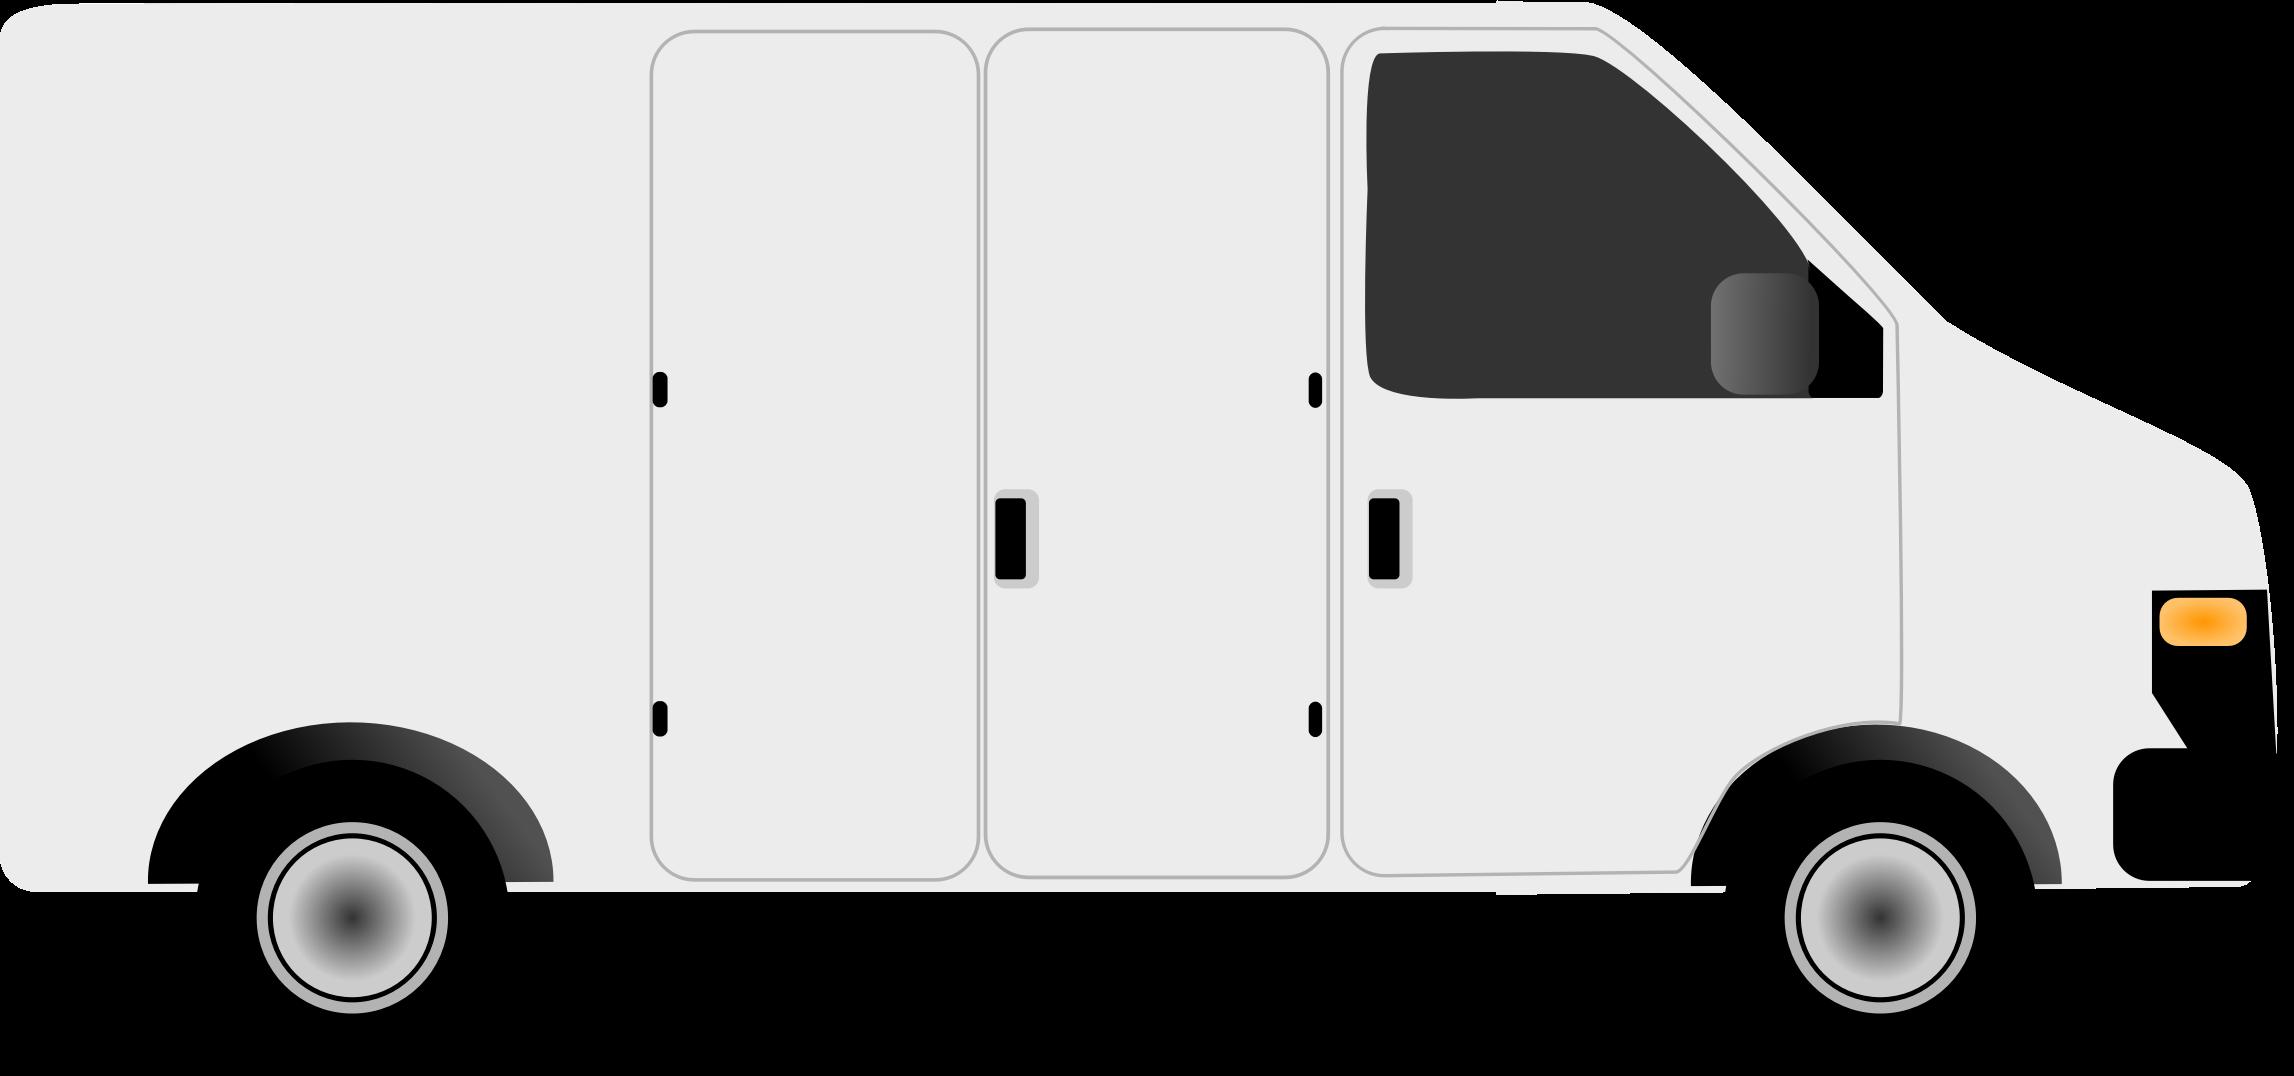 Minivan clipart courier van. Ford transit volkswagen type